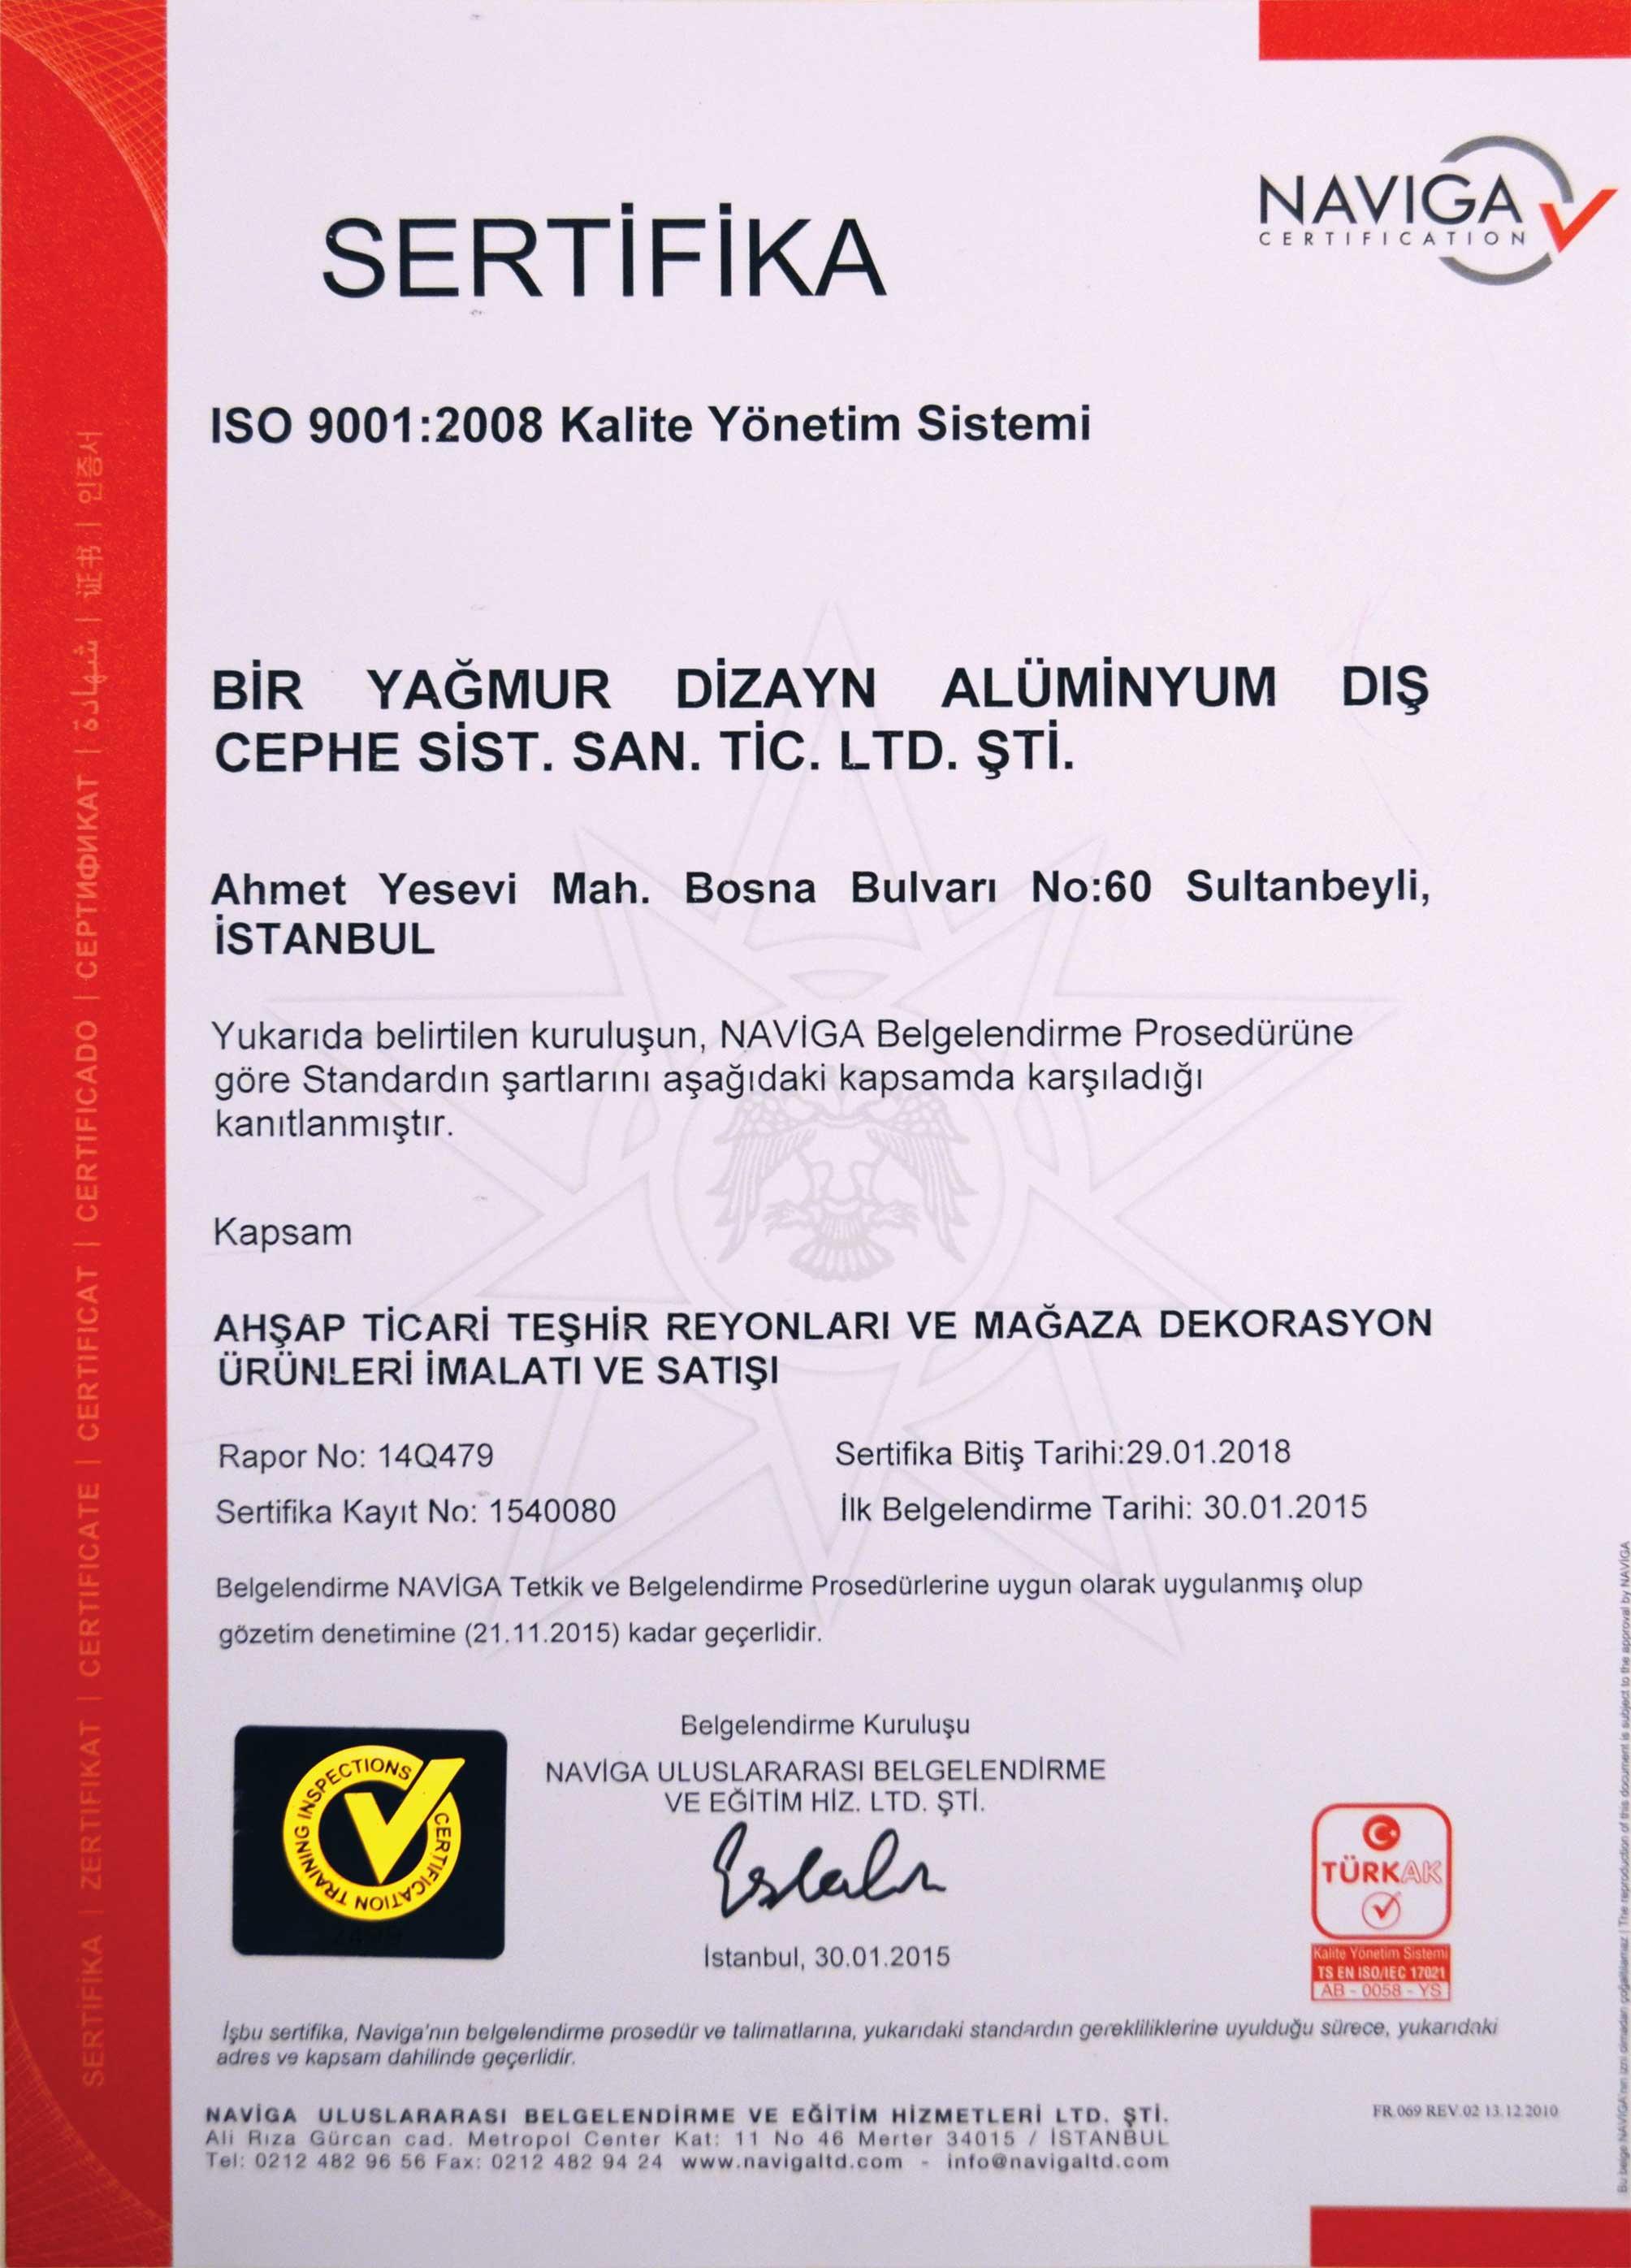 kalite-yönetim-sistemi